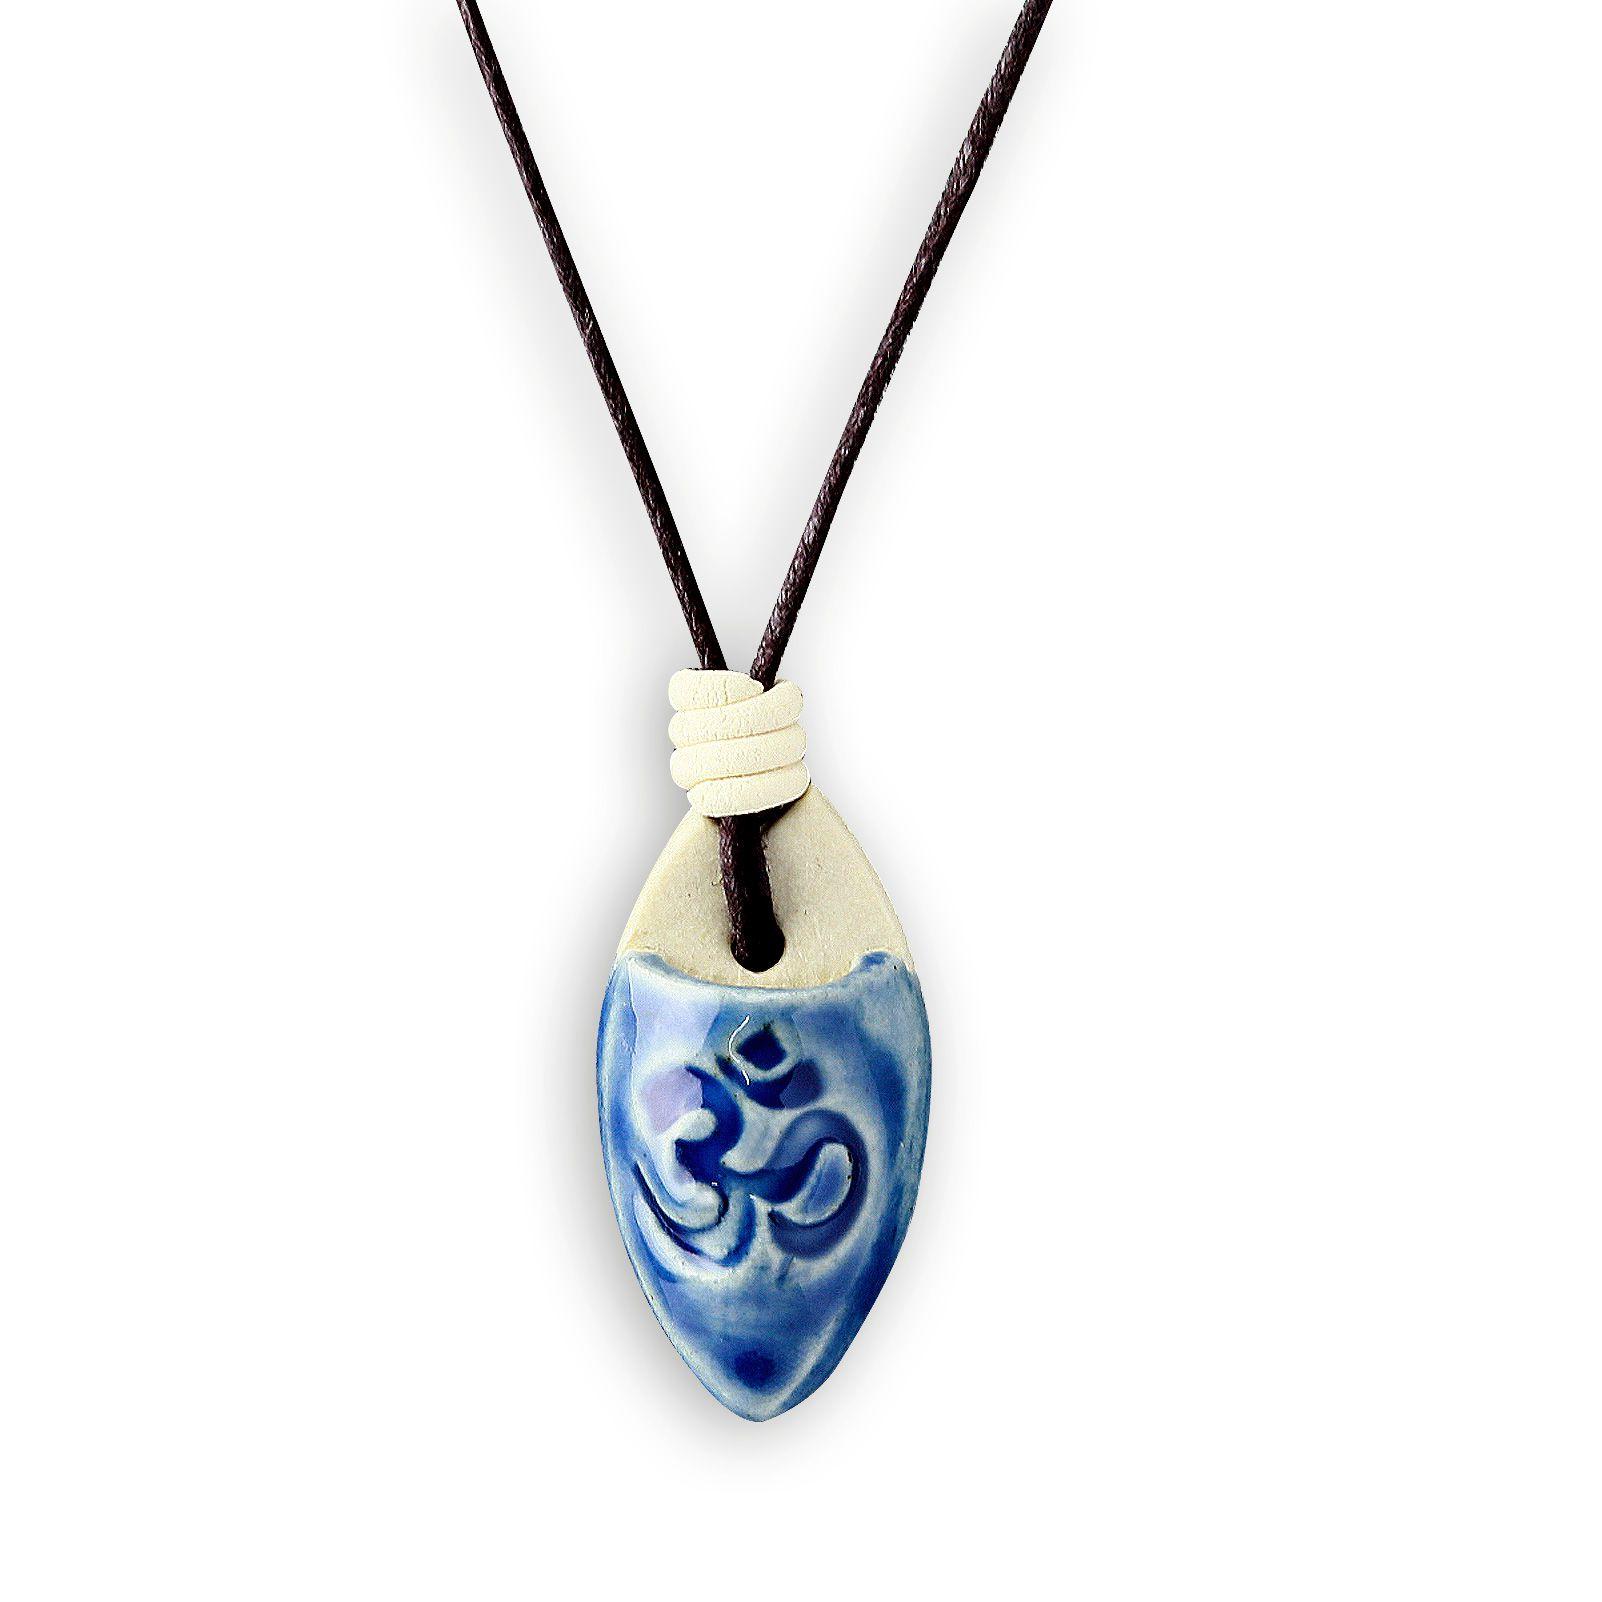 Colar aromático símbolo OM - azul